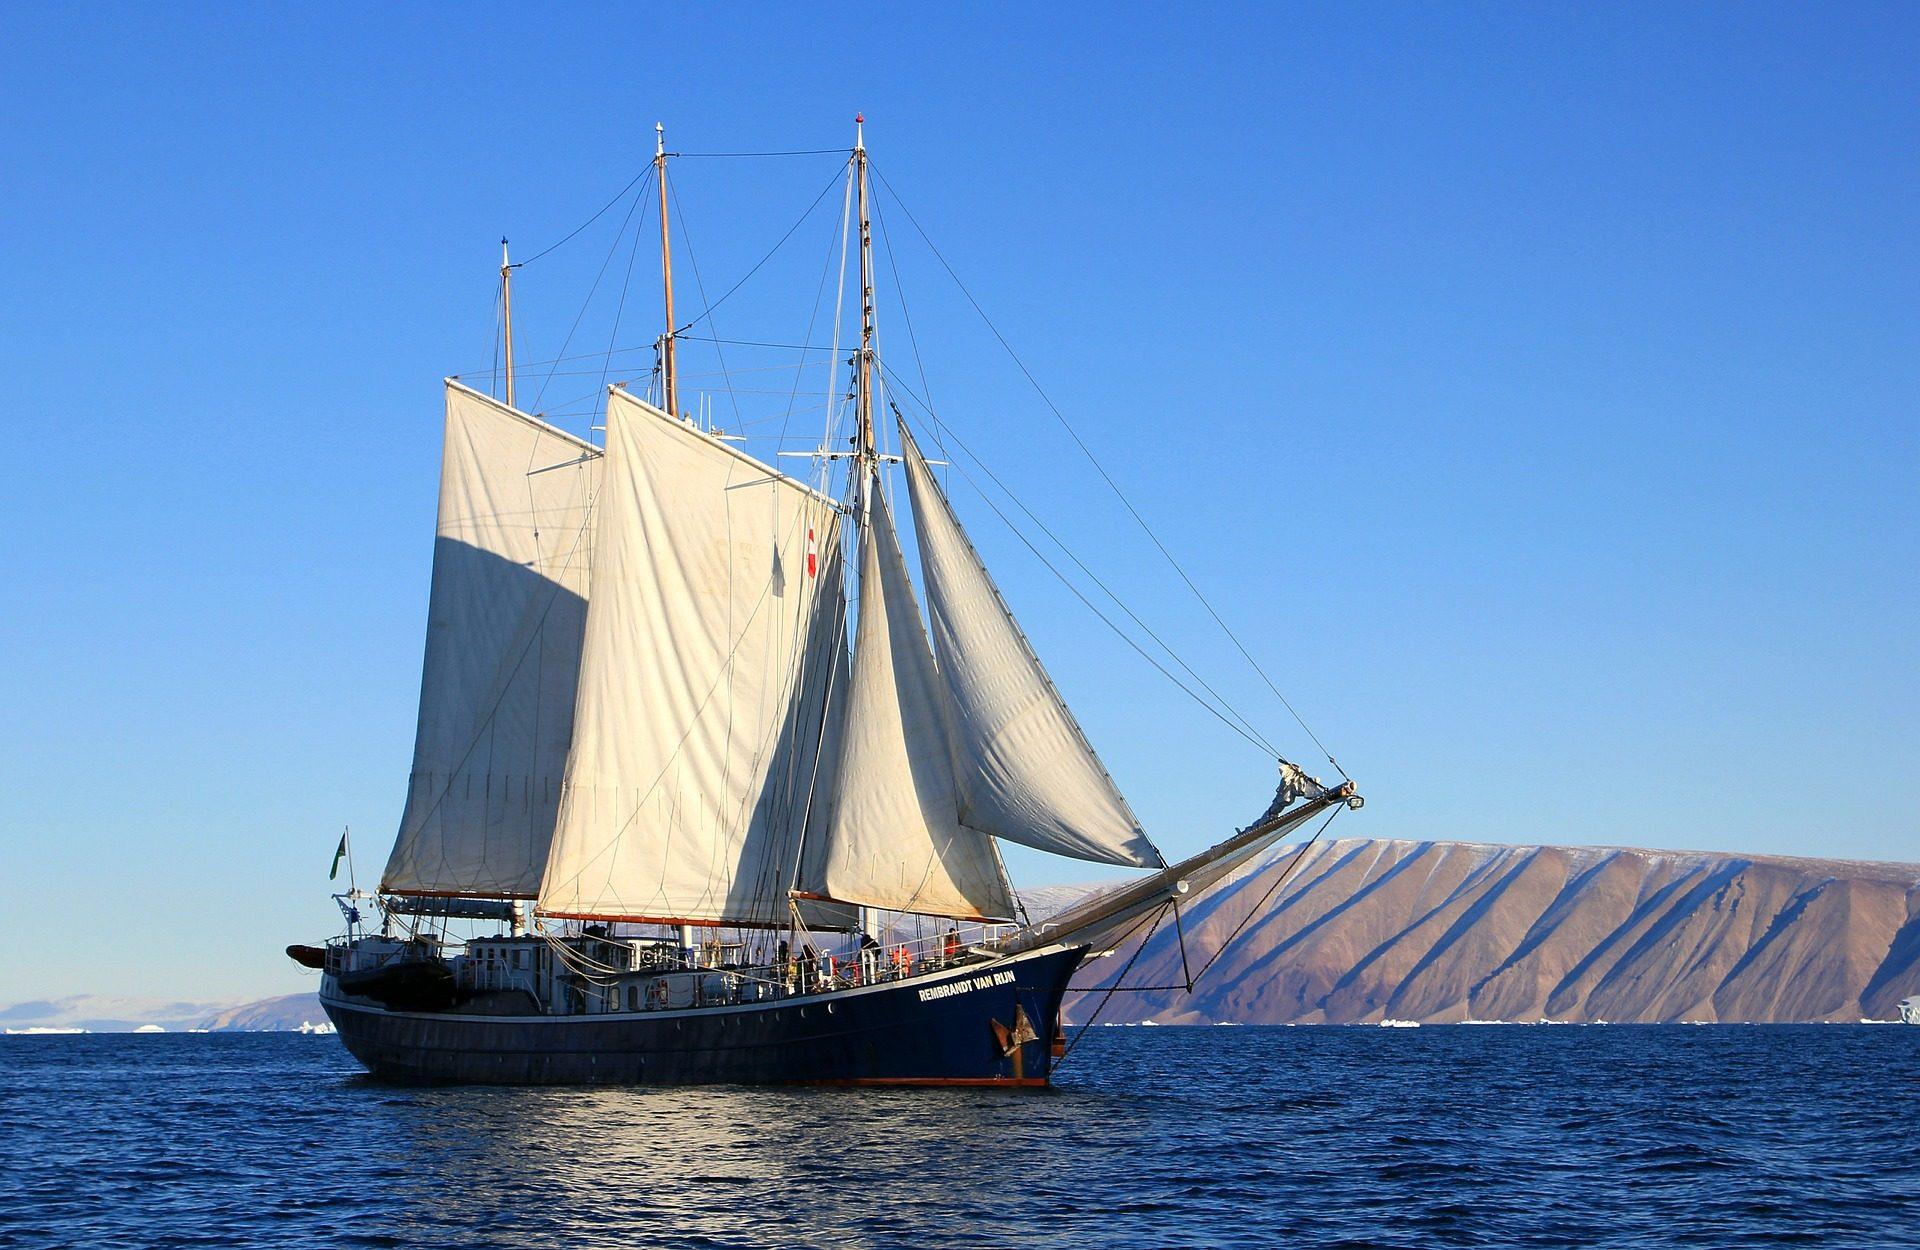 Парусник, лодка, корабль, Океан, Море - Обои HD - Профессор falken.com